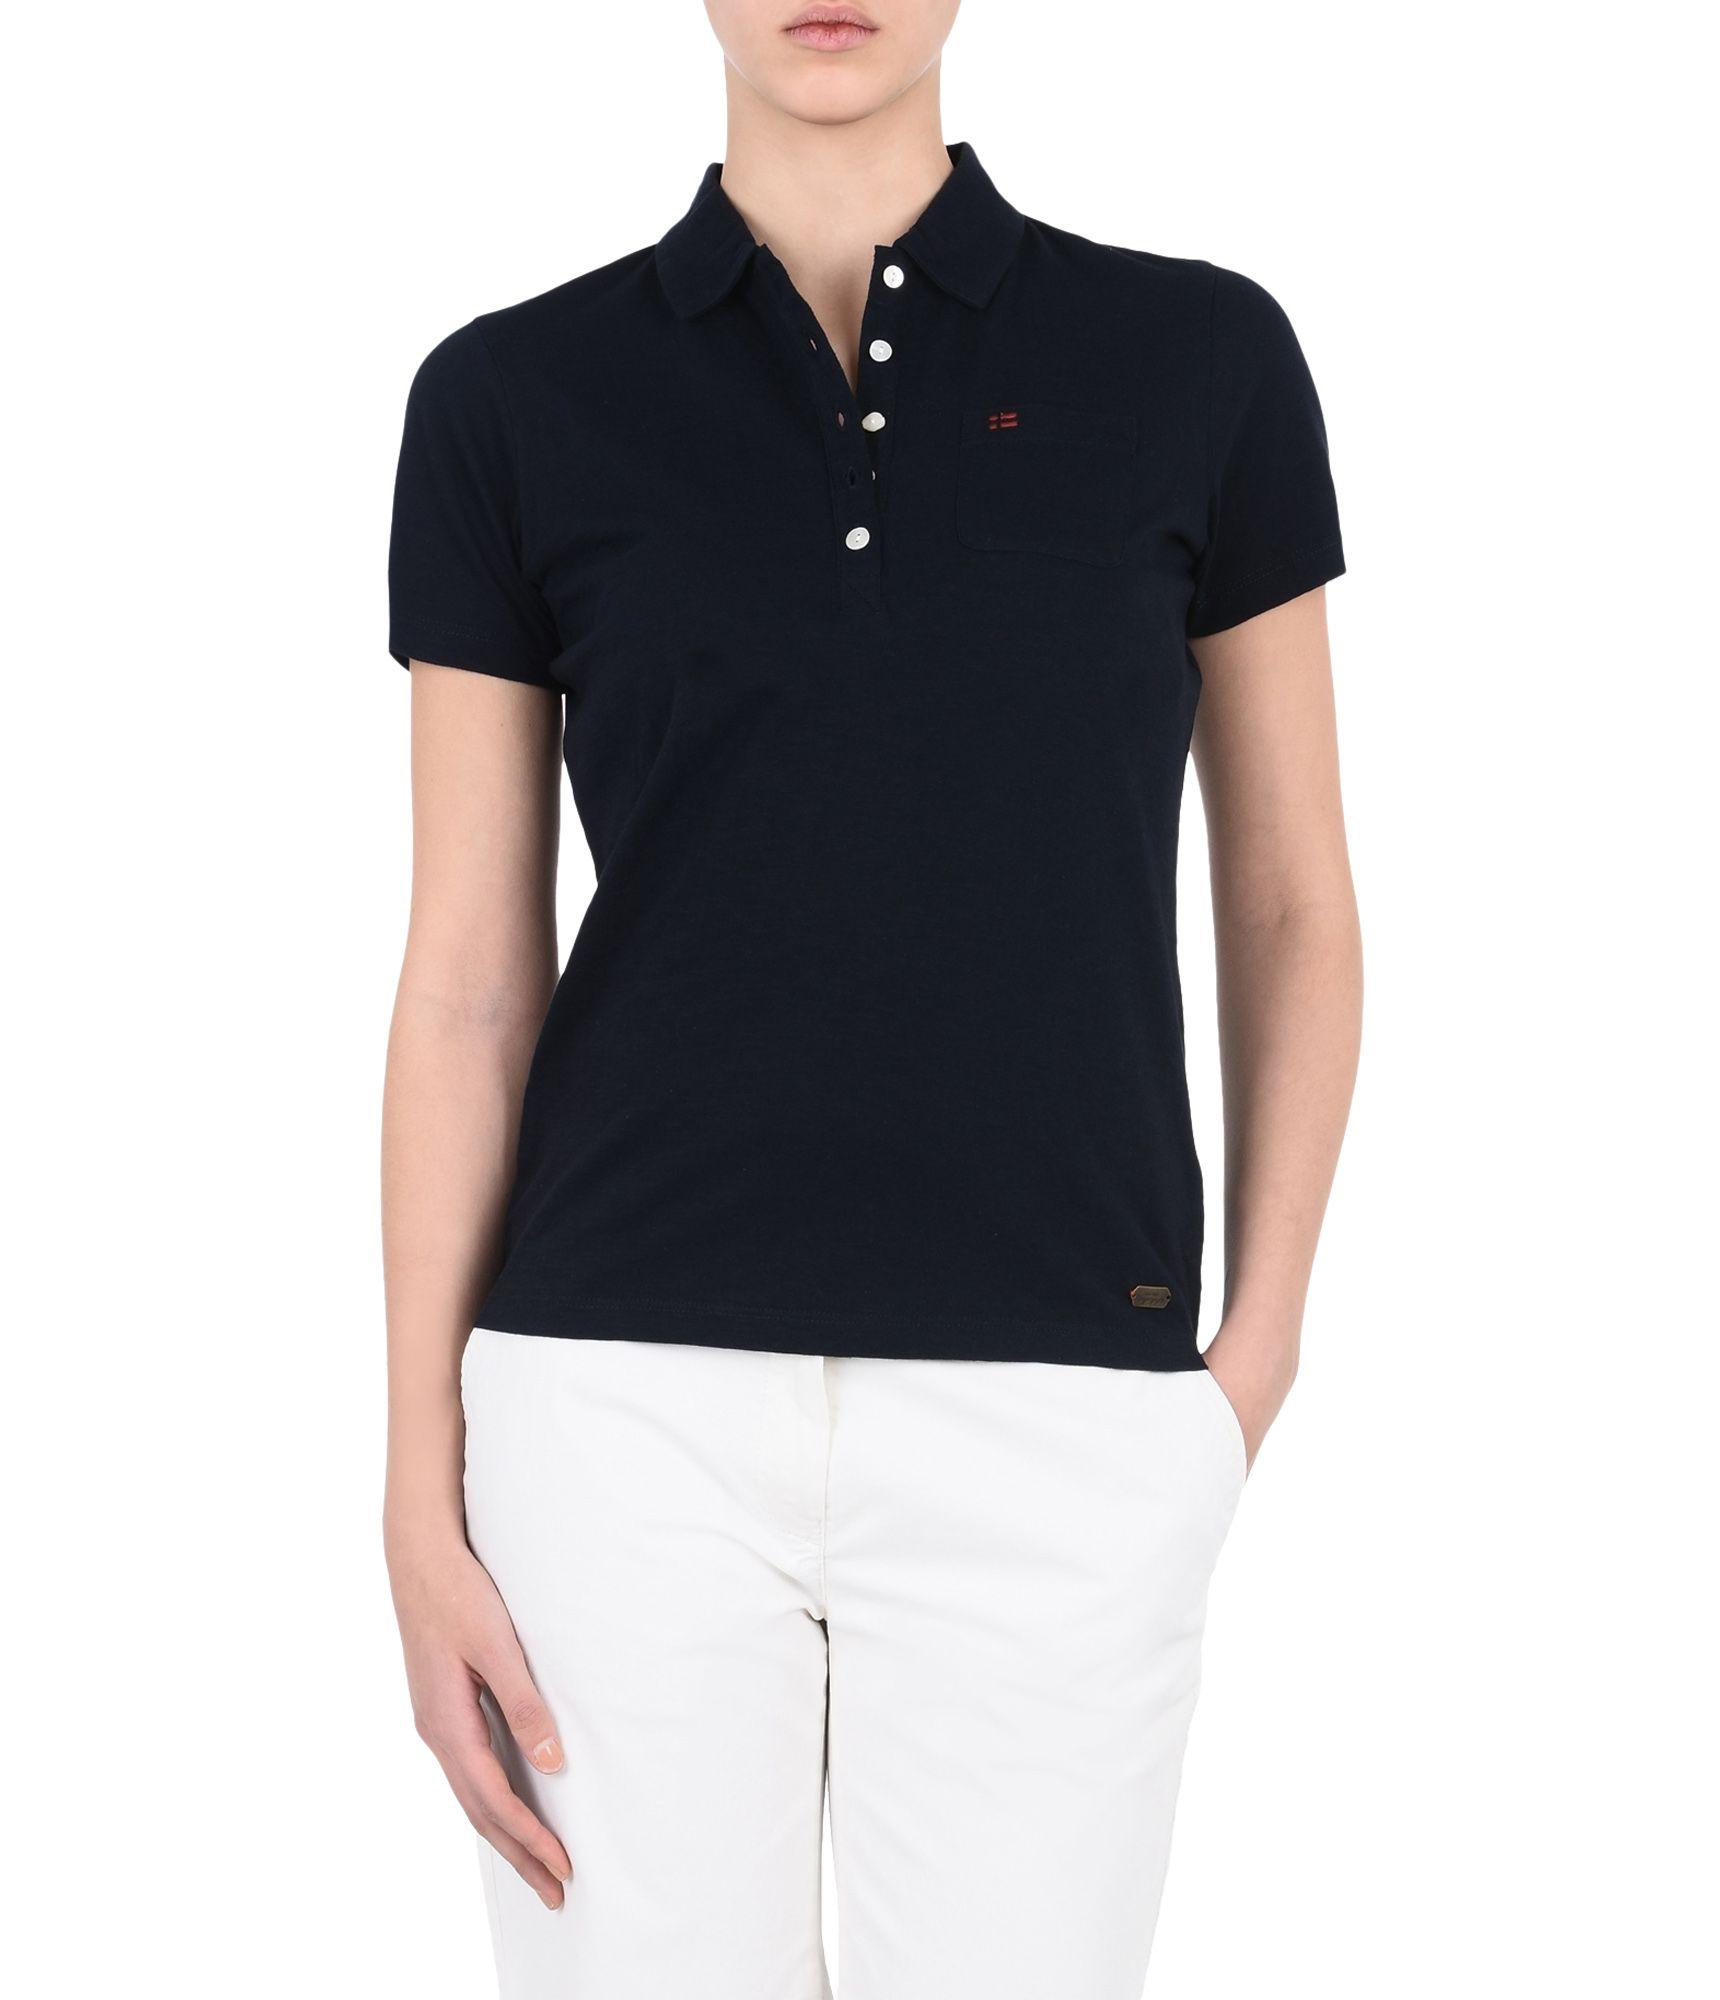 Artikel klicken und genauer betrachten! - Polo-Shirt mit kurzen Ärmeln Leichtes Jerseymaterial Schmale Frontknopfleiste Eine Tasche Grafikelemente | im Online Shop kaufen